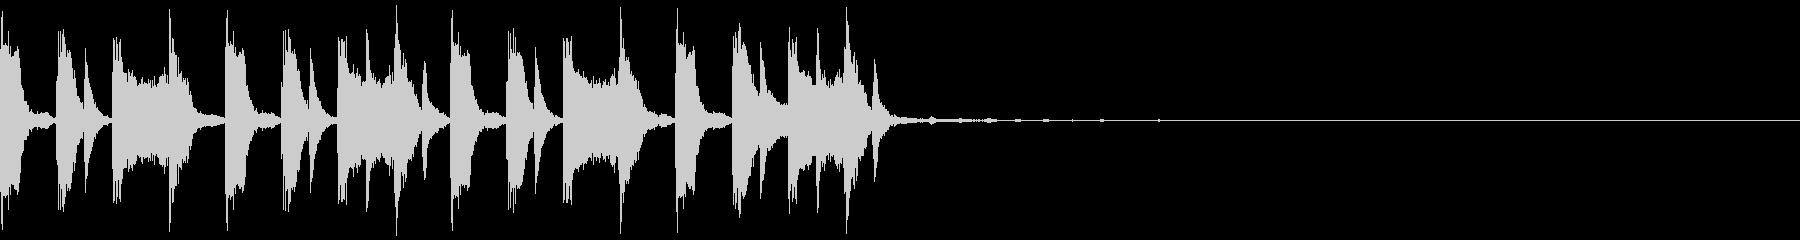 コミカルなトラップジングル4の未再生の波形